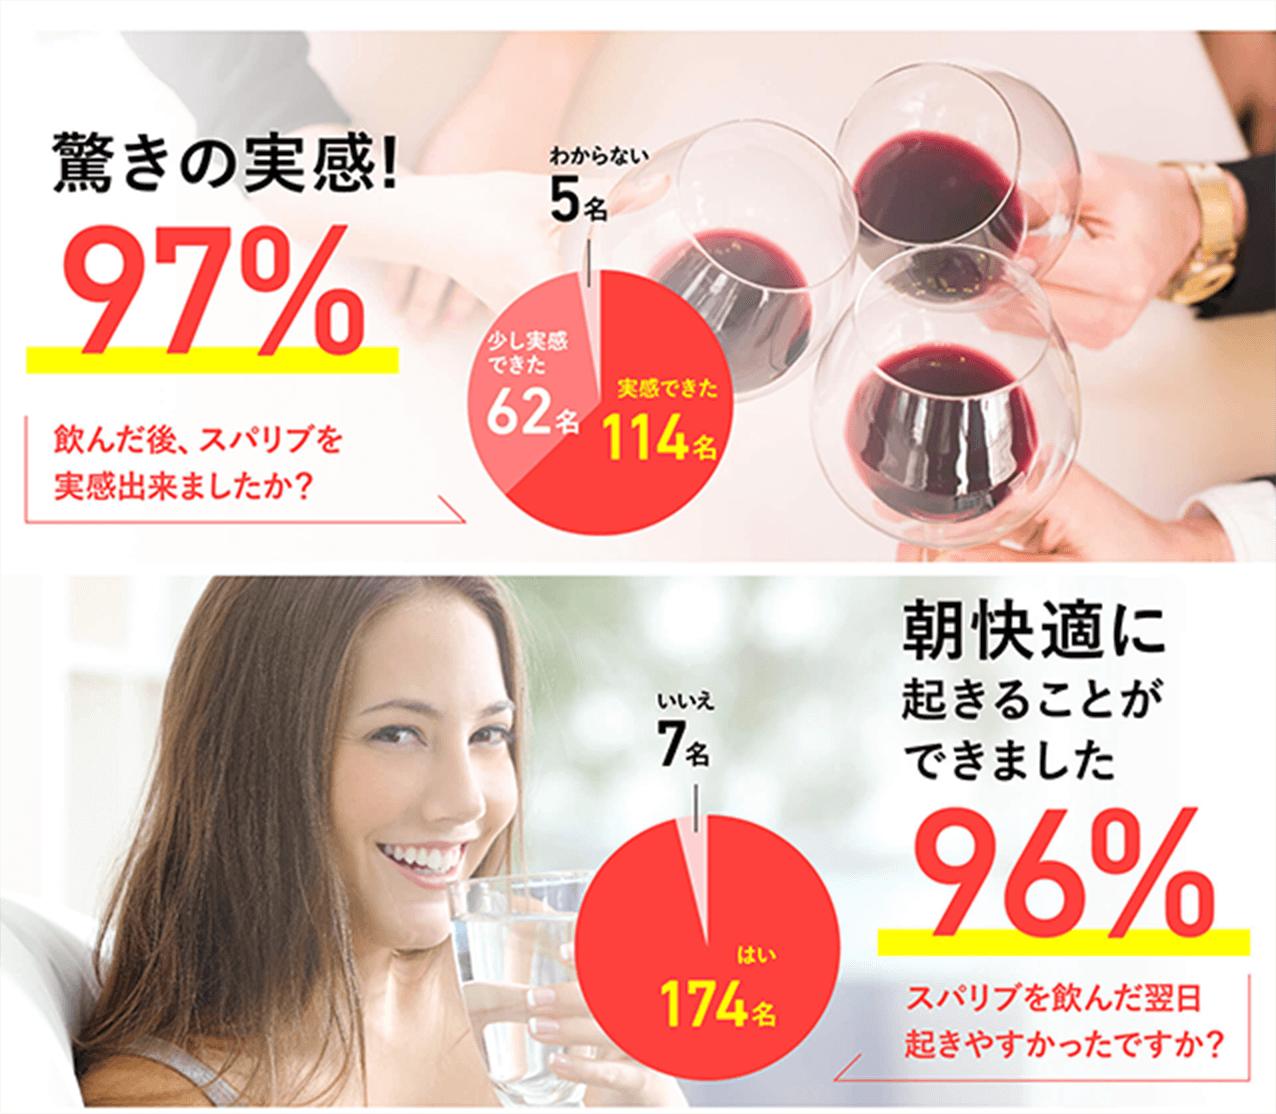 飲んだ後の実感値!驚きの97%、飲んだ翌日起きやすかった96%